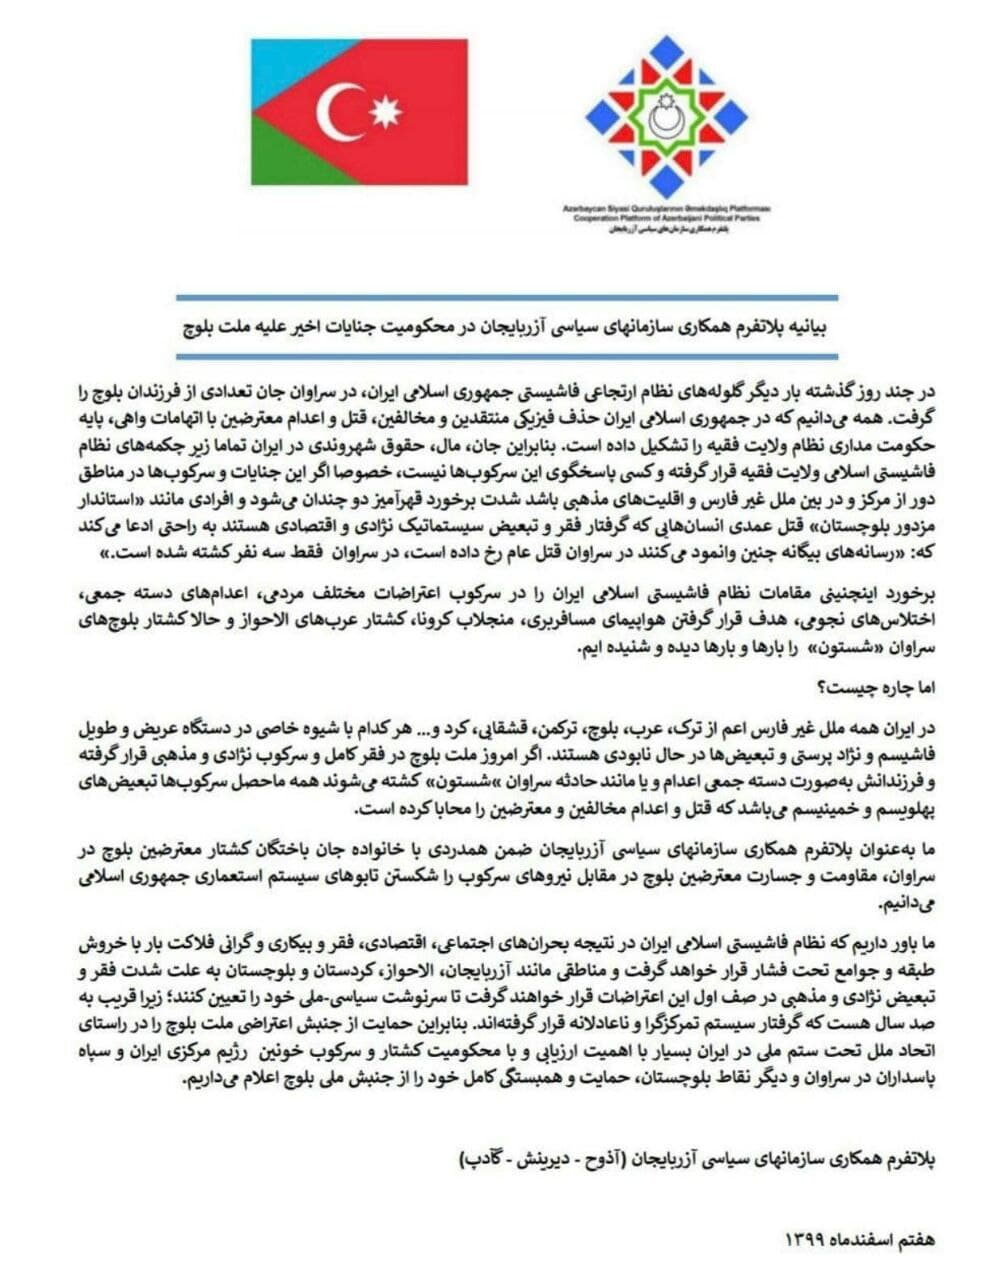 بیانیه پلاتفرم همکاری سازمانهای سیاسی آزربایجان در محکومیت جنایات اخیر علیه ملت بلوچ